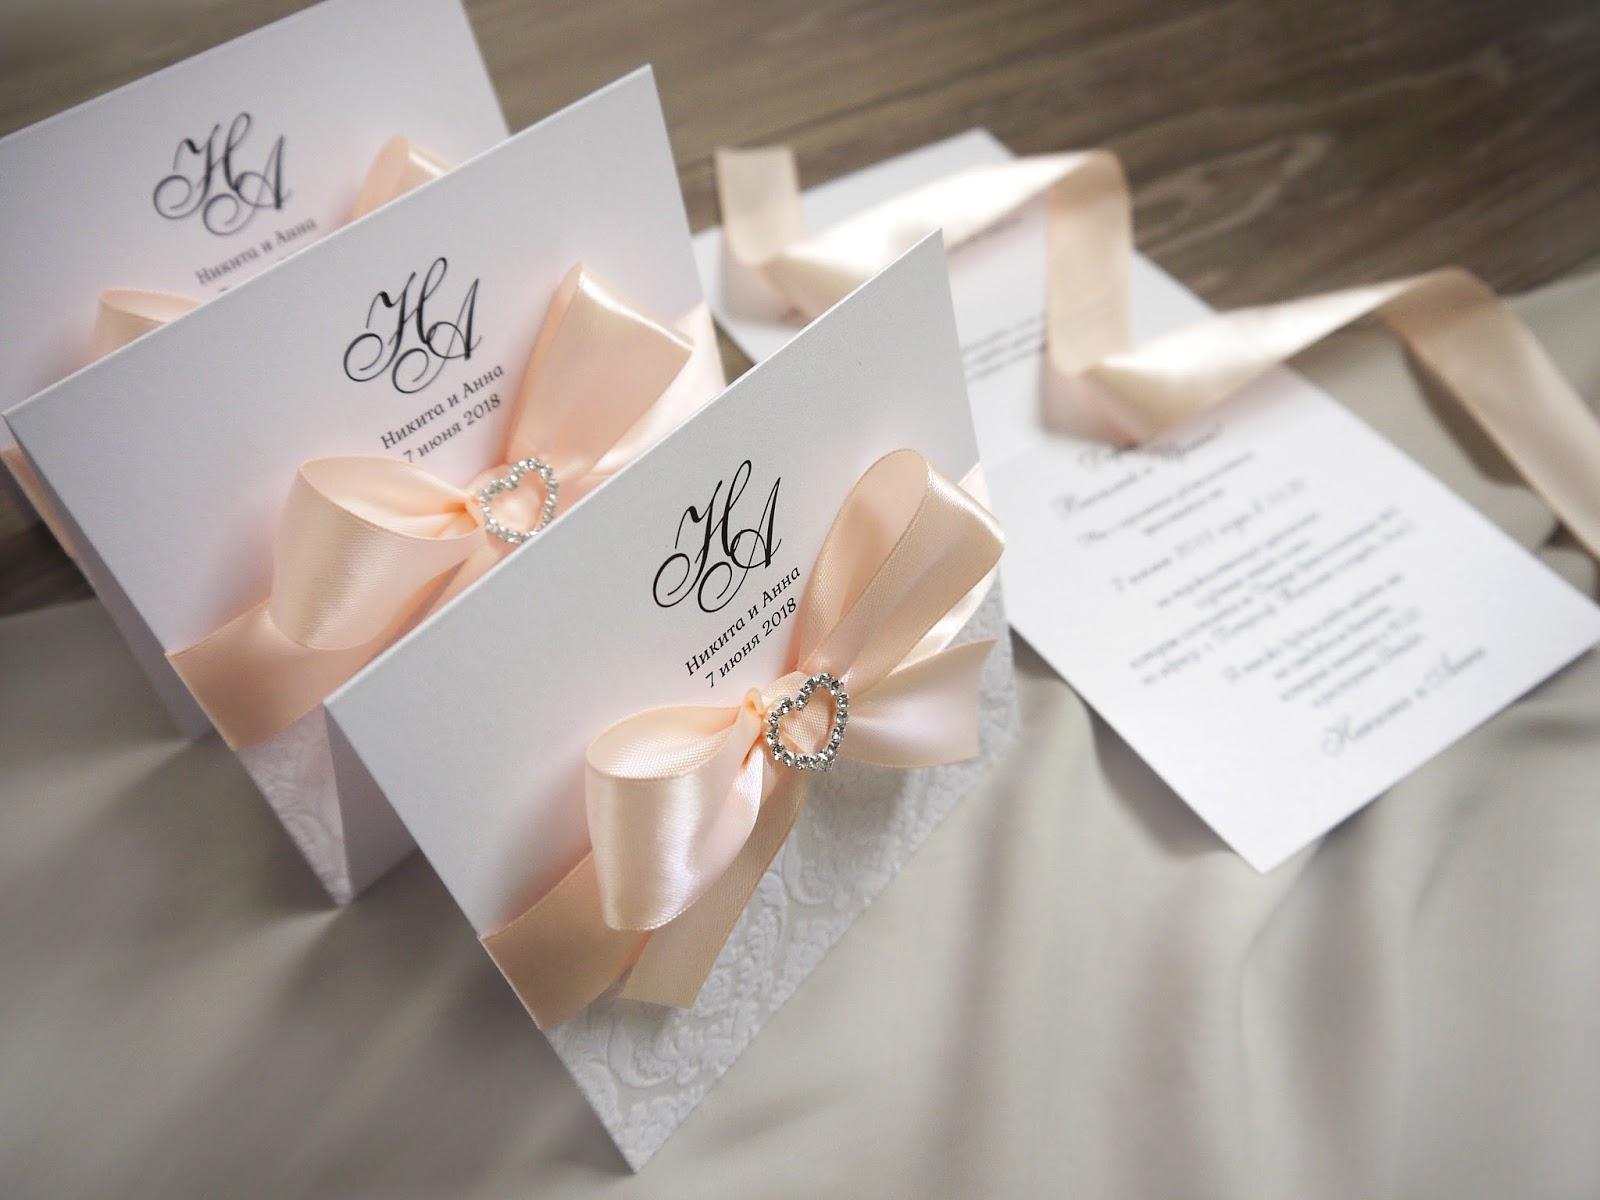 Приглашения на свадьбу казань недорого, подарок открытка как